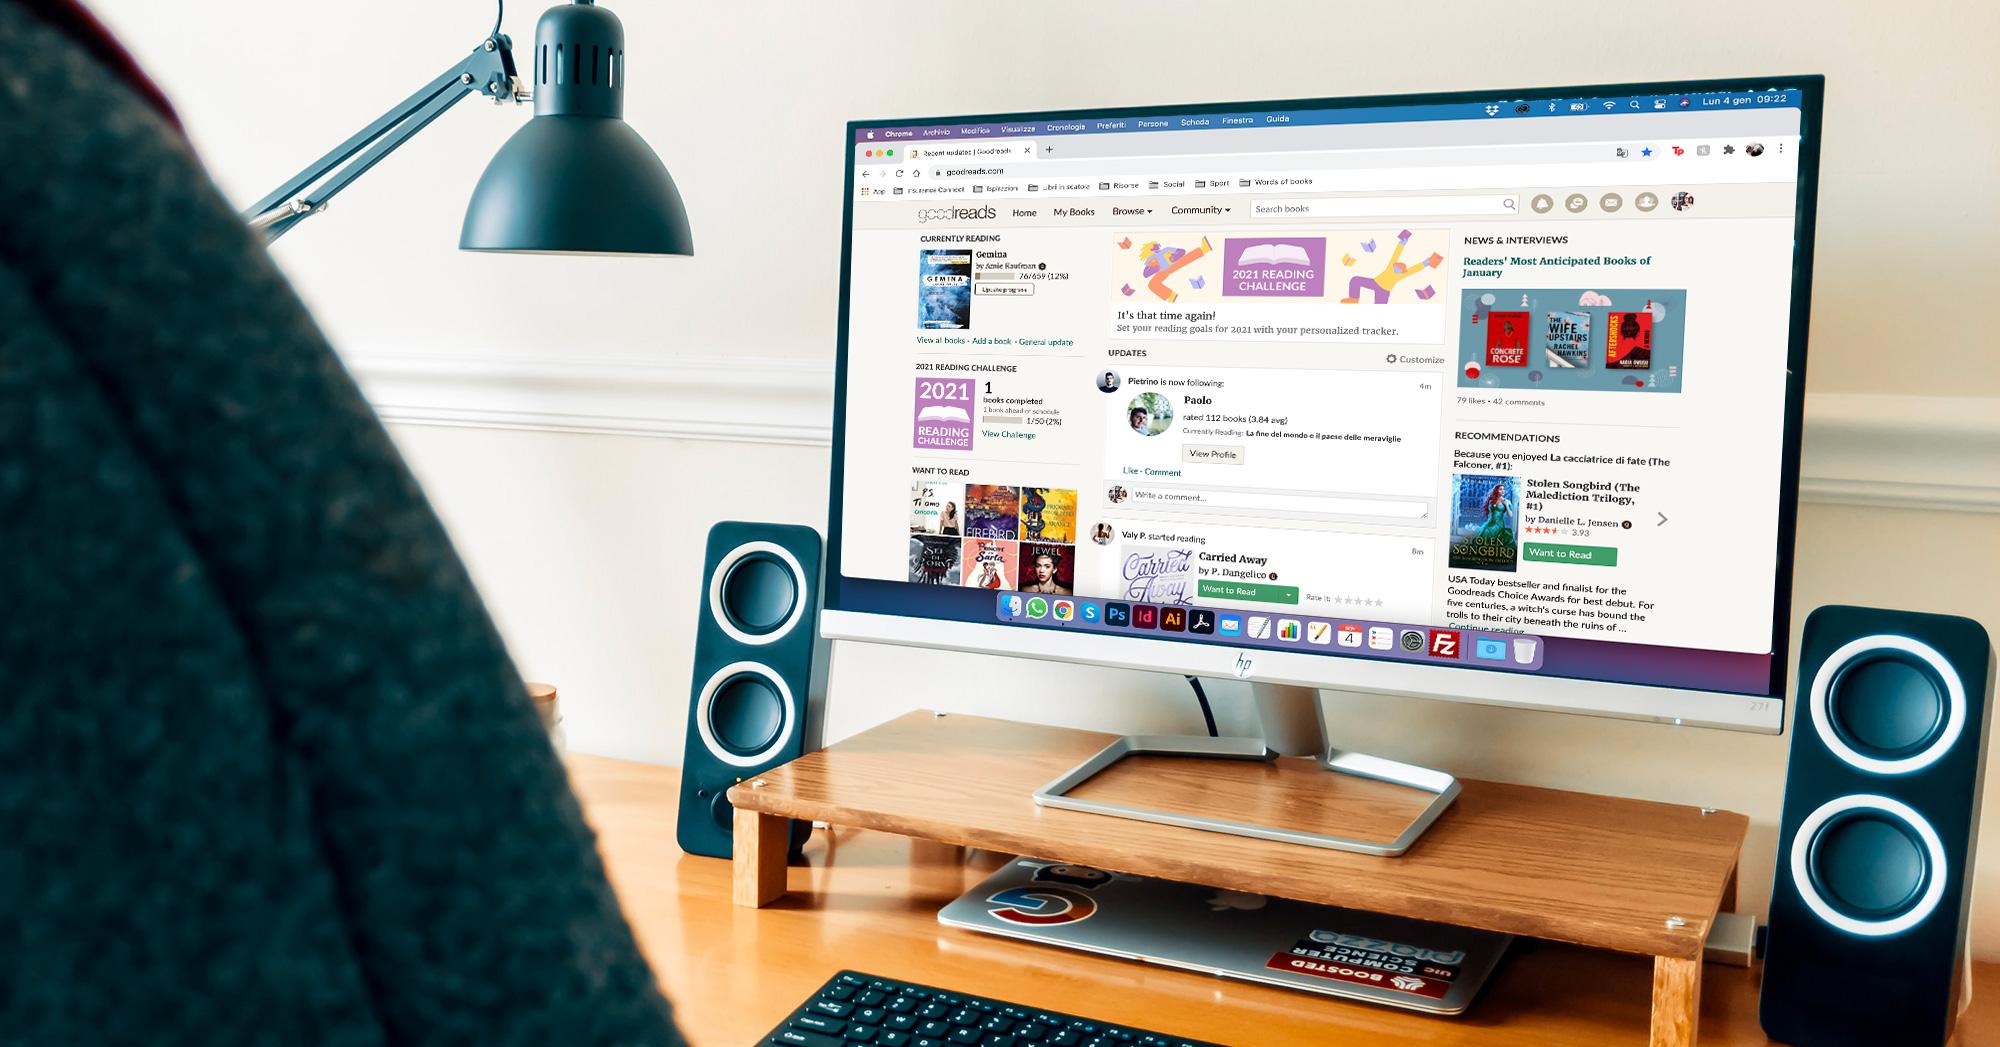 Schermo del computer con l'home page del social network Goodreads